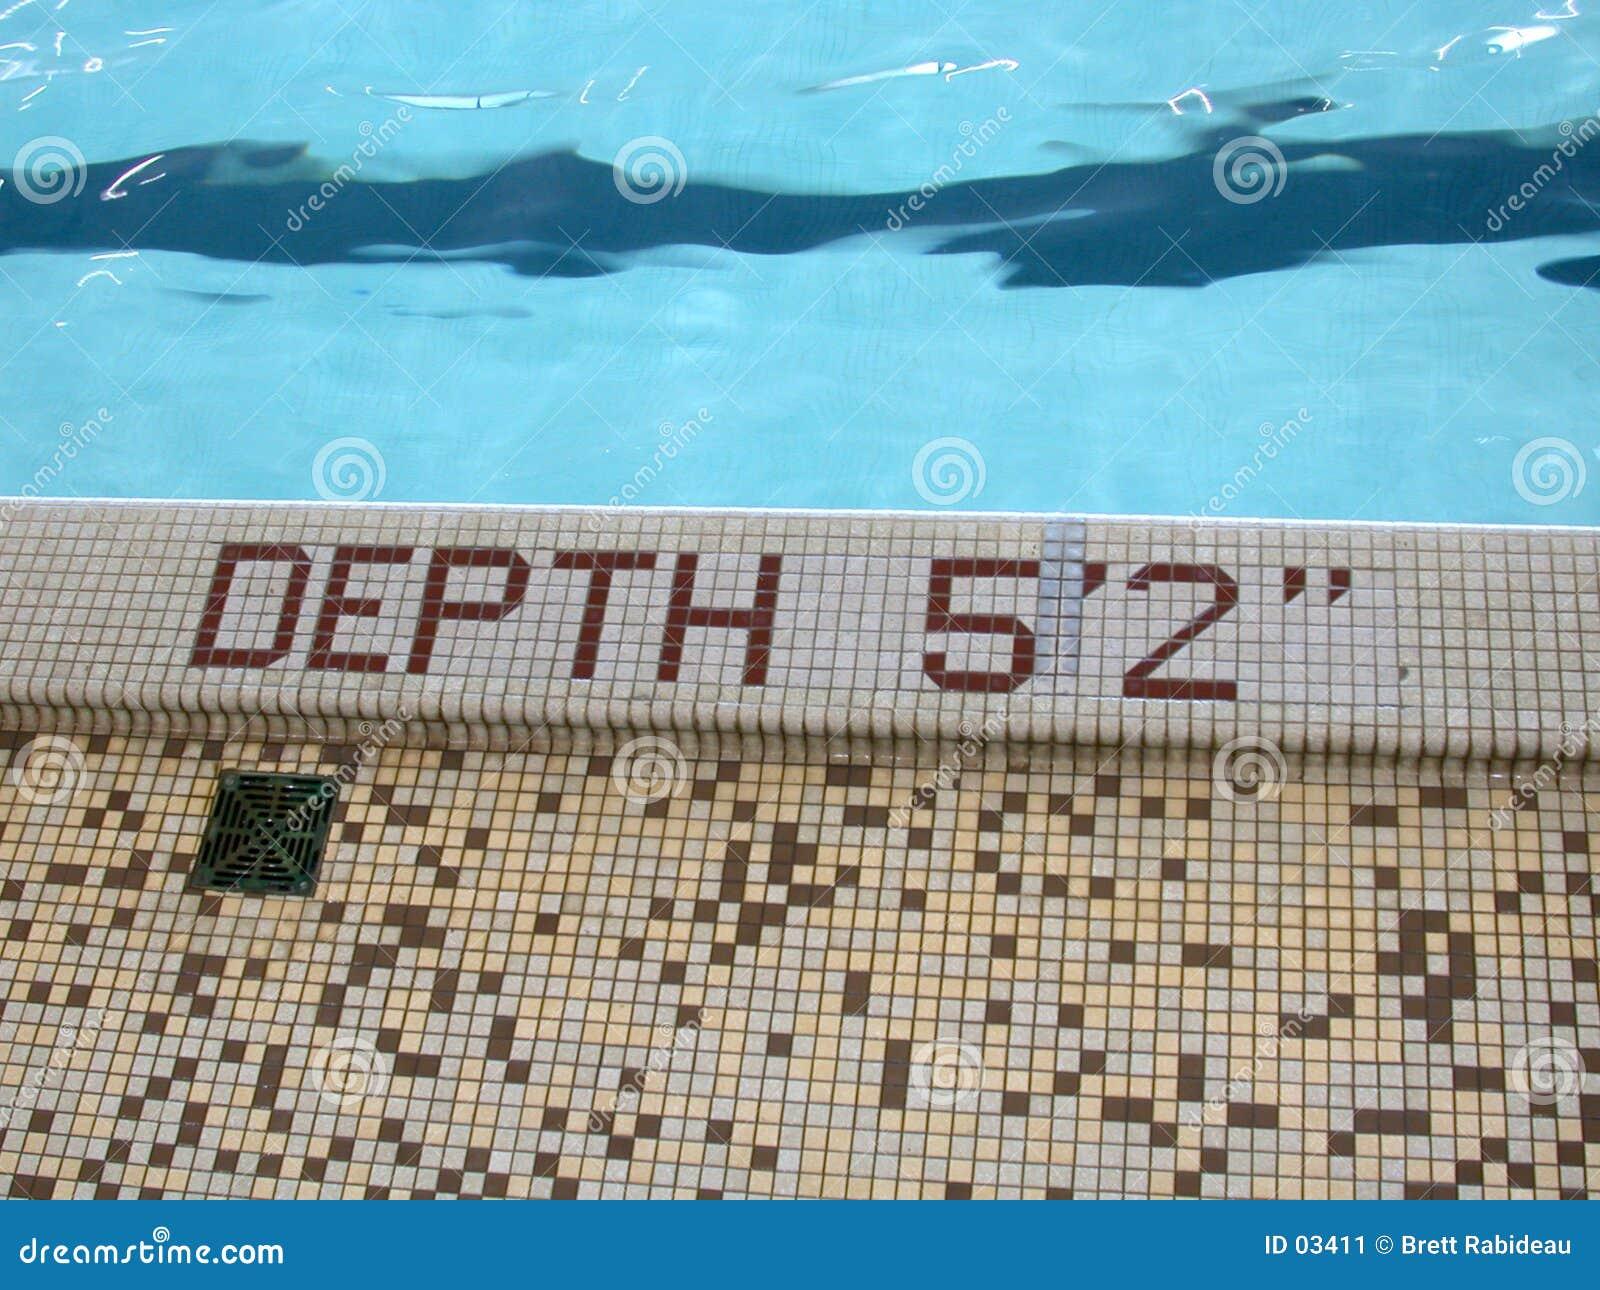 Depth: 5 foot 2, pool of blue...